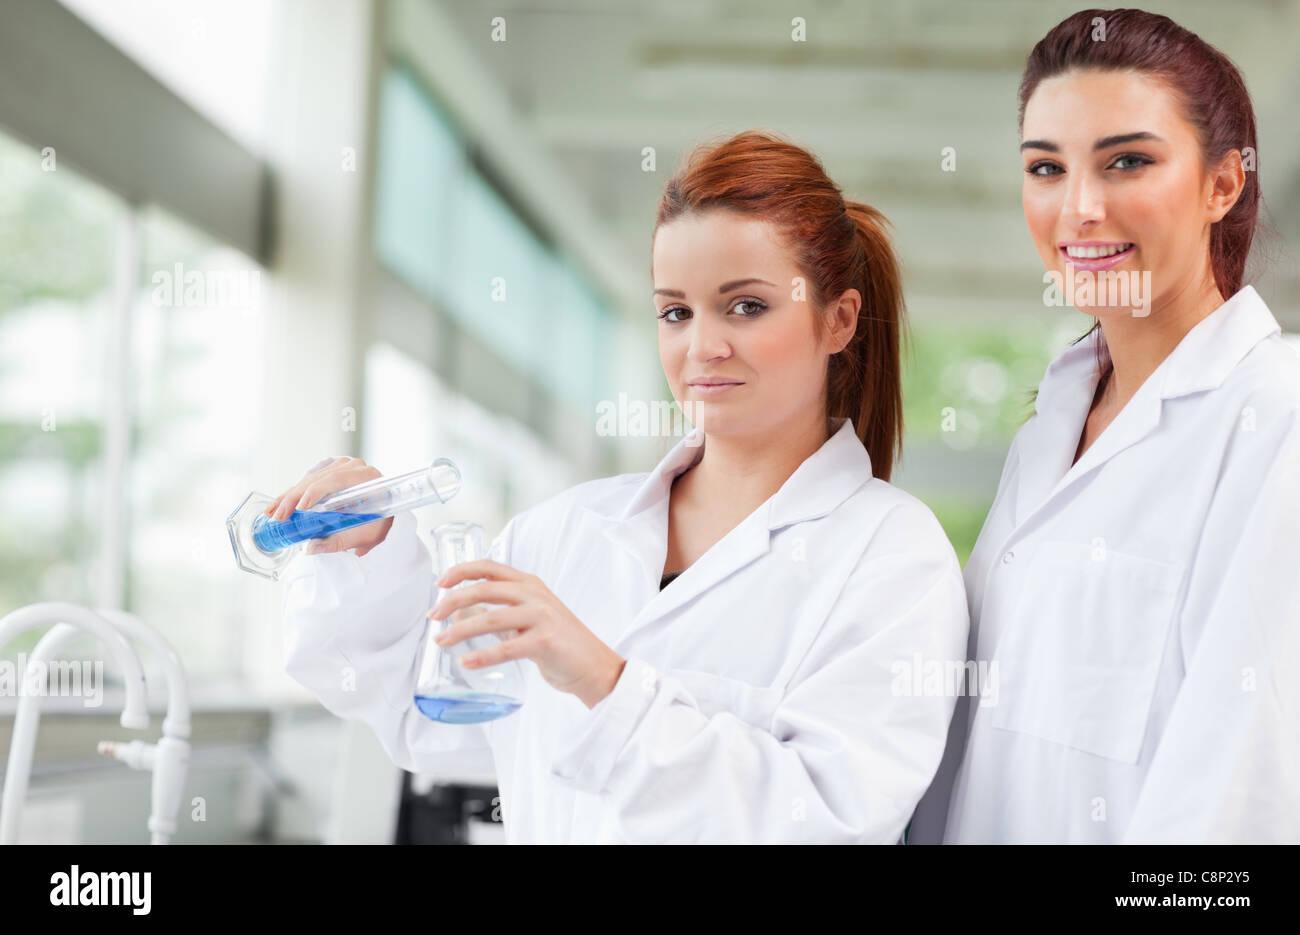 Wissenschaftler, die blaue Flüssigkeit in einen Erlenmeyerkolben gießen Stockbild